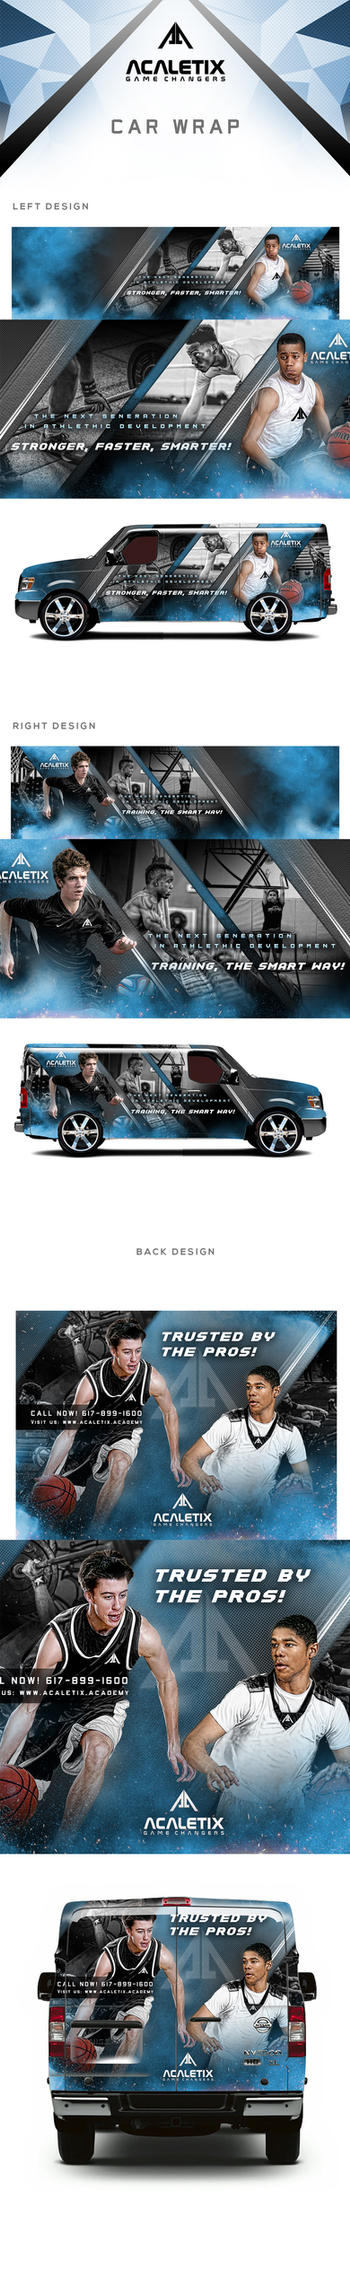 Acaletix Van Wrap Design by tmaclabi